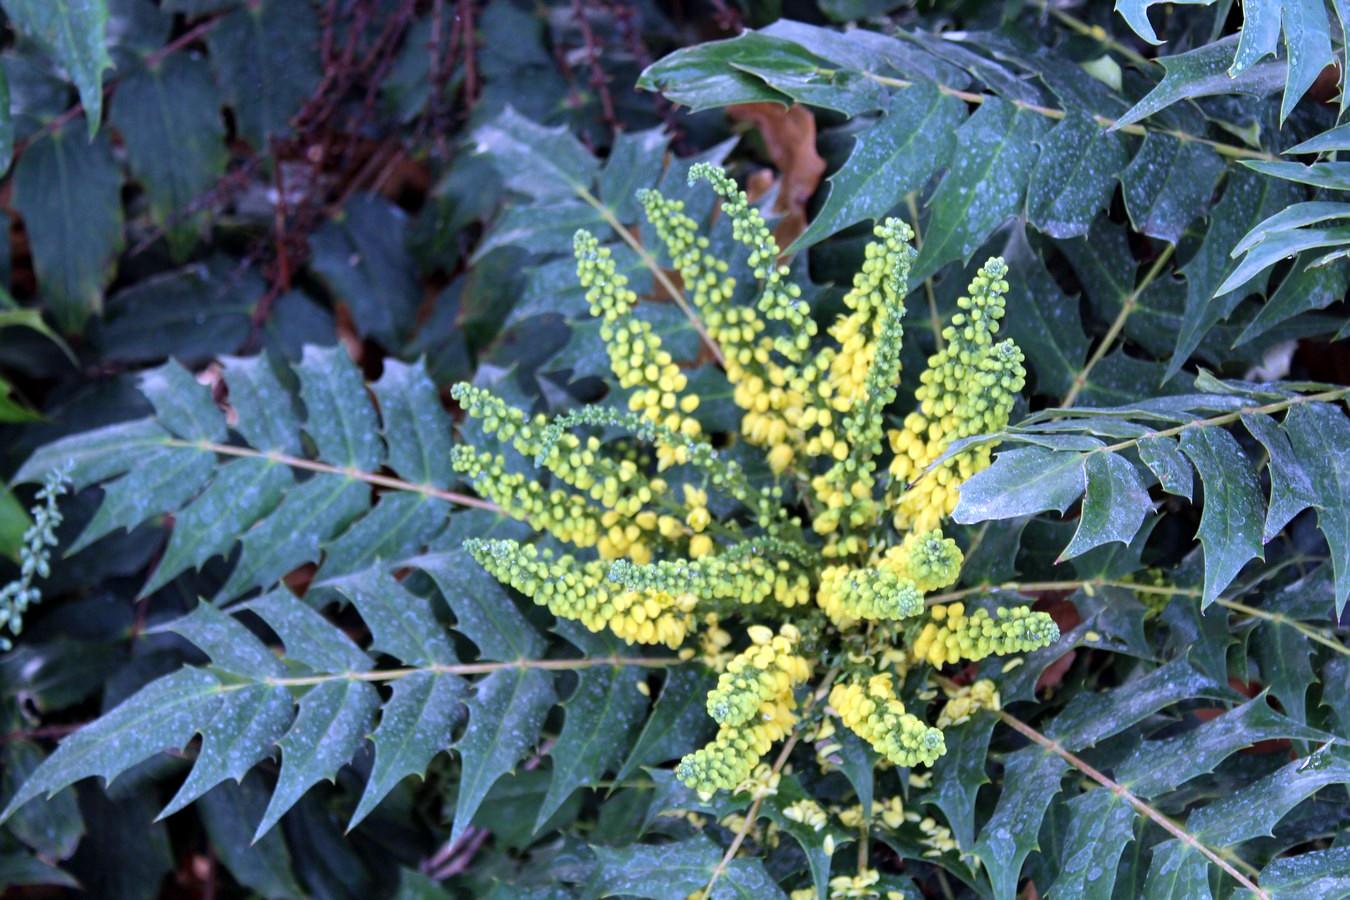 [Fil ouvert] Fleurs et plantes - Page 8 596461061Copier